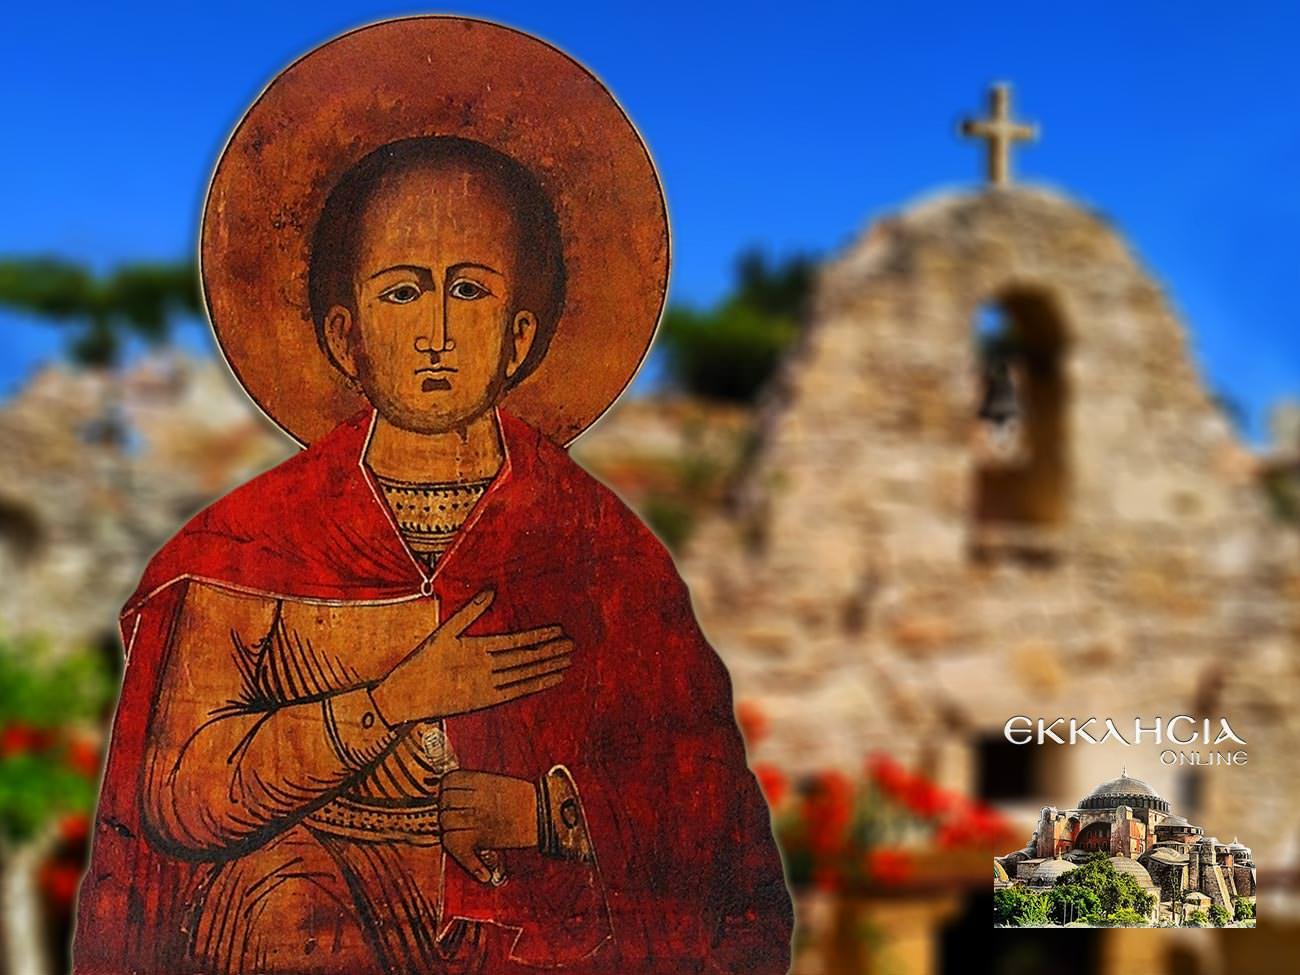 Άγιος Κοδράτος και συν αυτώ 10 Μαρτίου